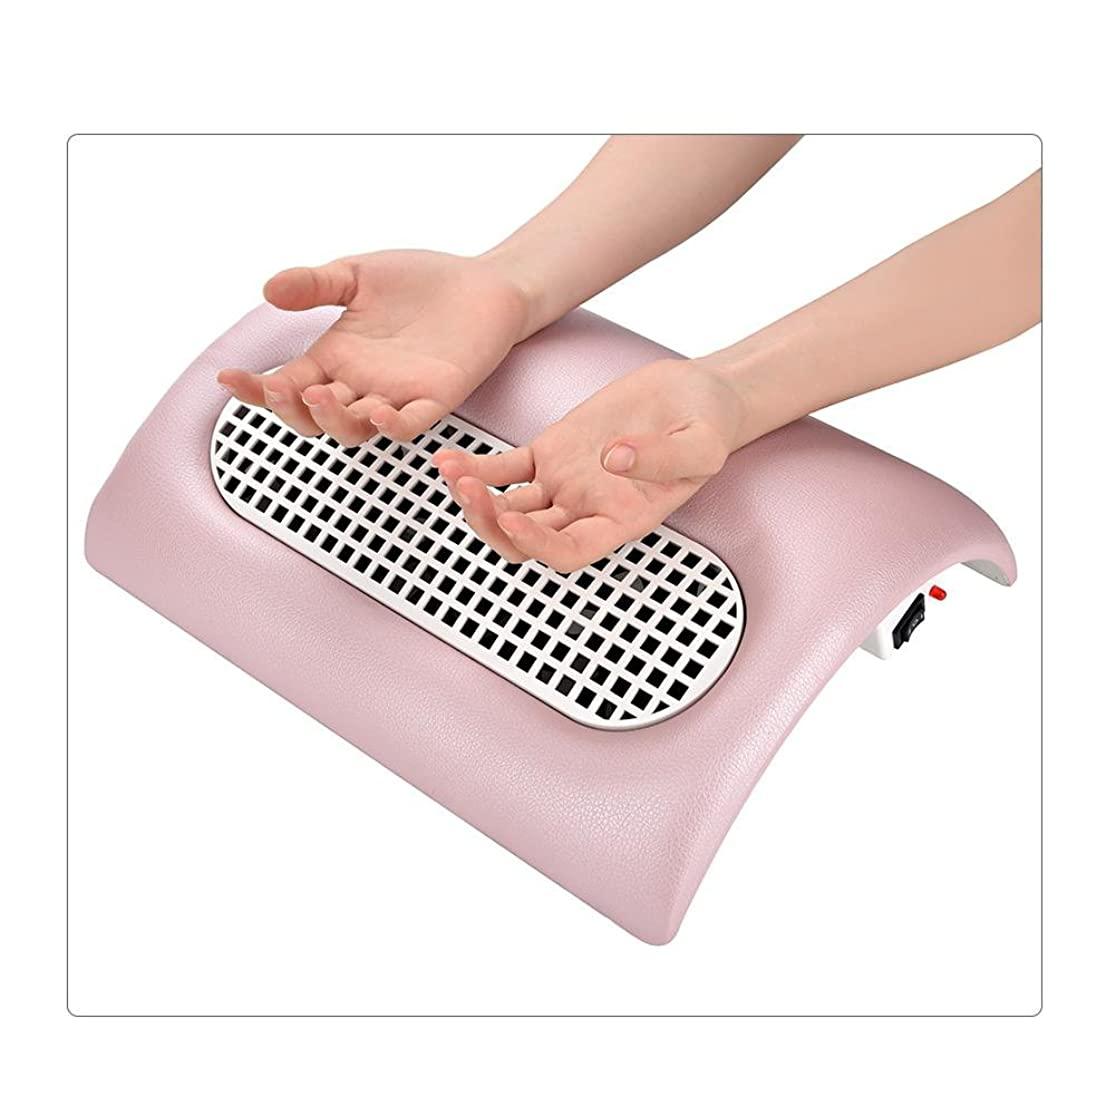 変更可能ぴかぴか和解するネイル(釘)集塵機 ネイルダスト 集塵機  ダストクリーナー  ジェルネイル ネイル機器 (ピンク)